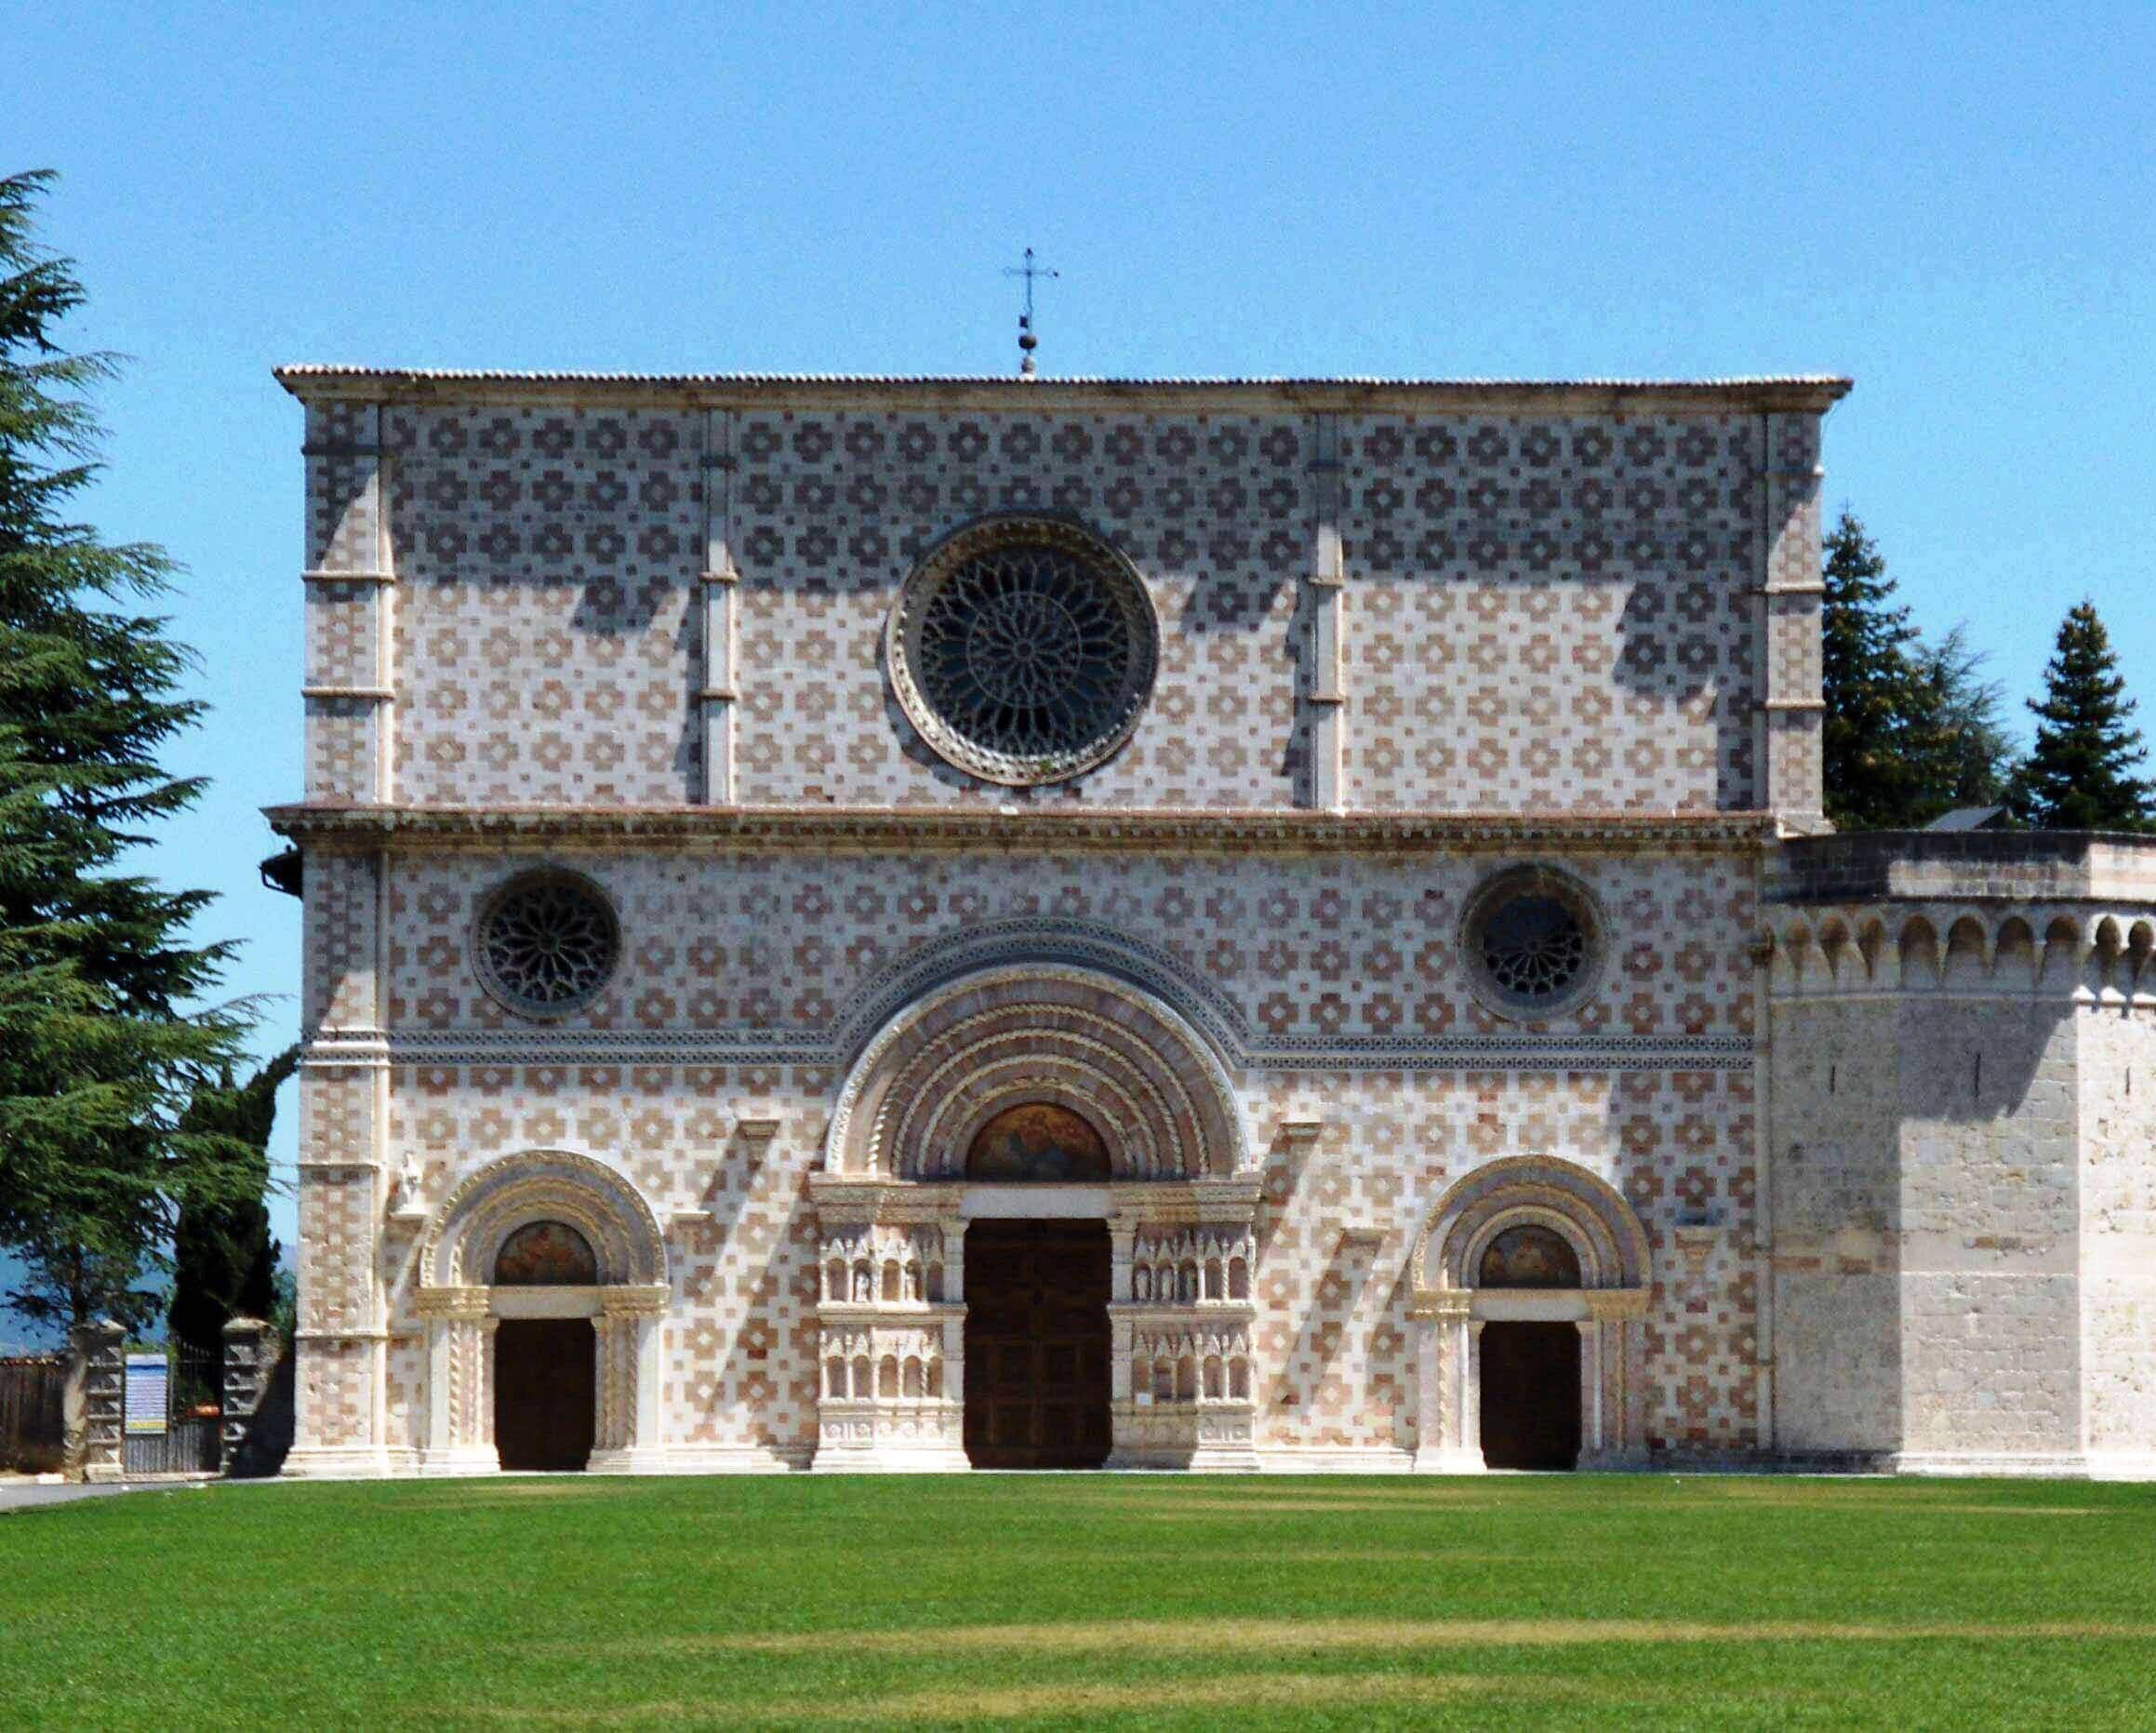 La meravigliosa Basilica di Santa Maria di Collemaggio nell'European Heritage Award per la Conservazione